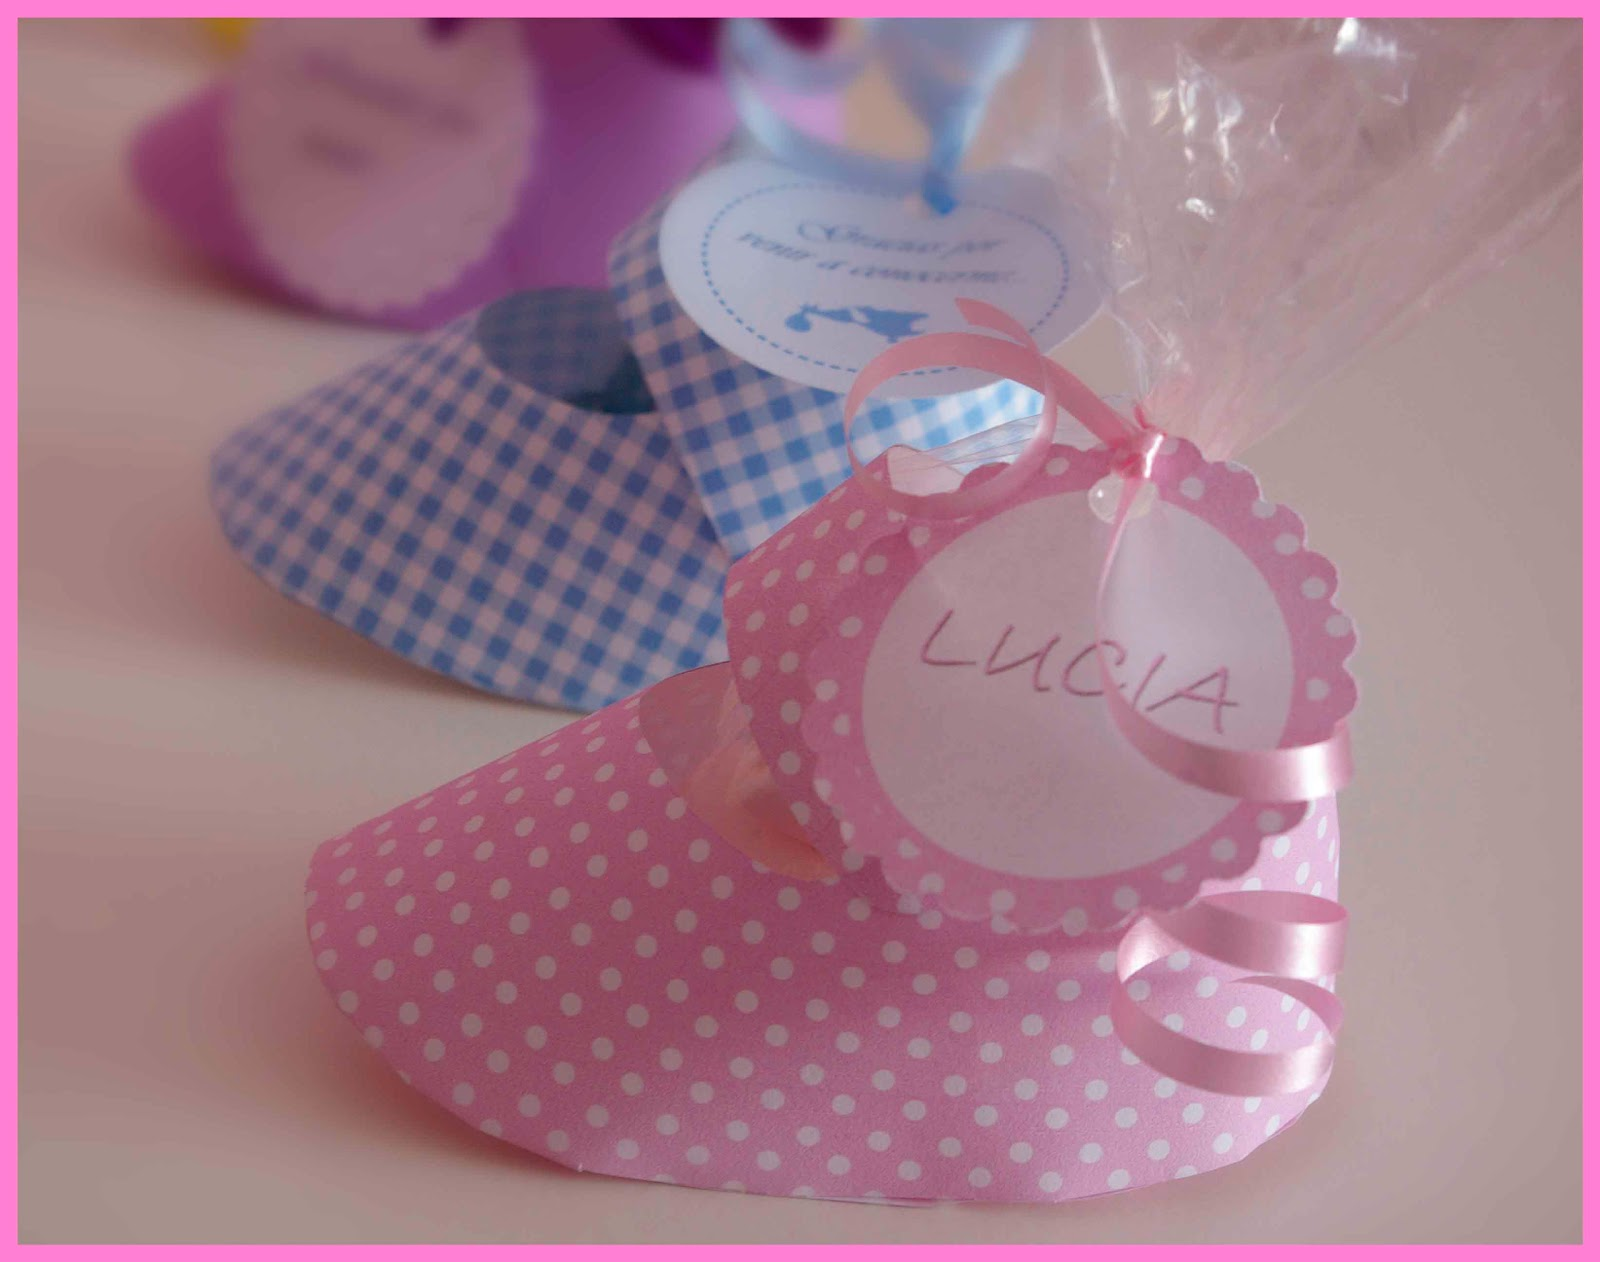 Hazlo especial idea para souvenir decoraci 243 n de nacimientos